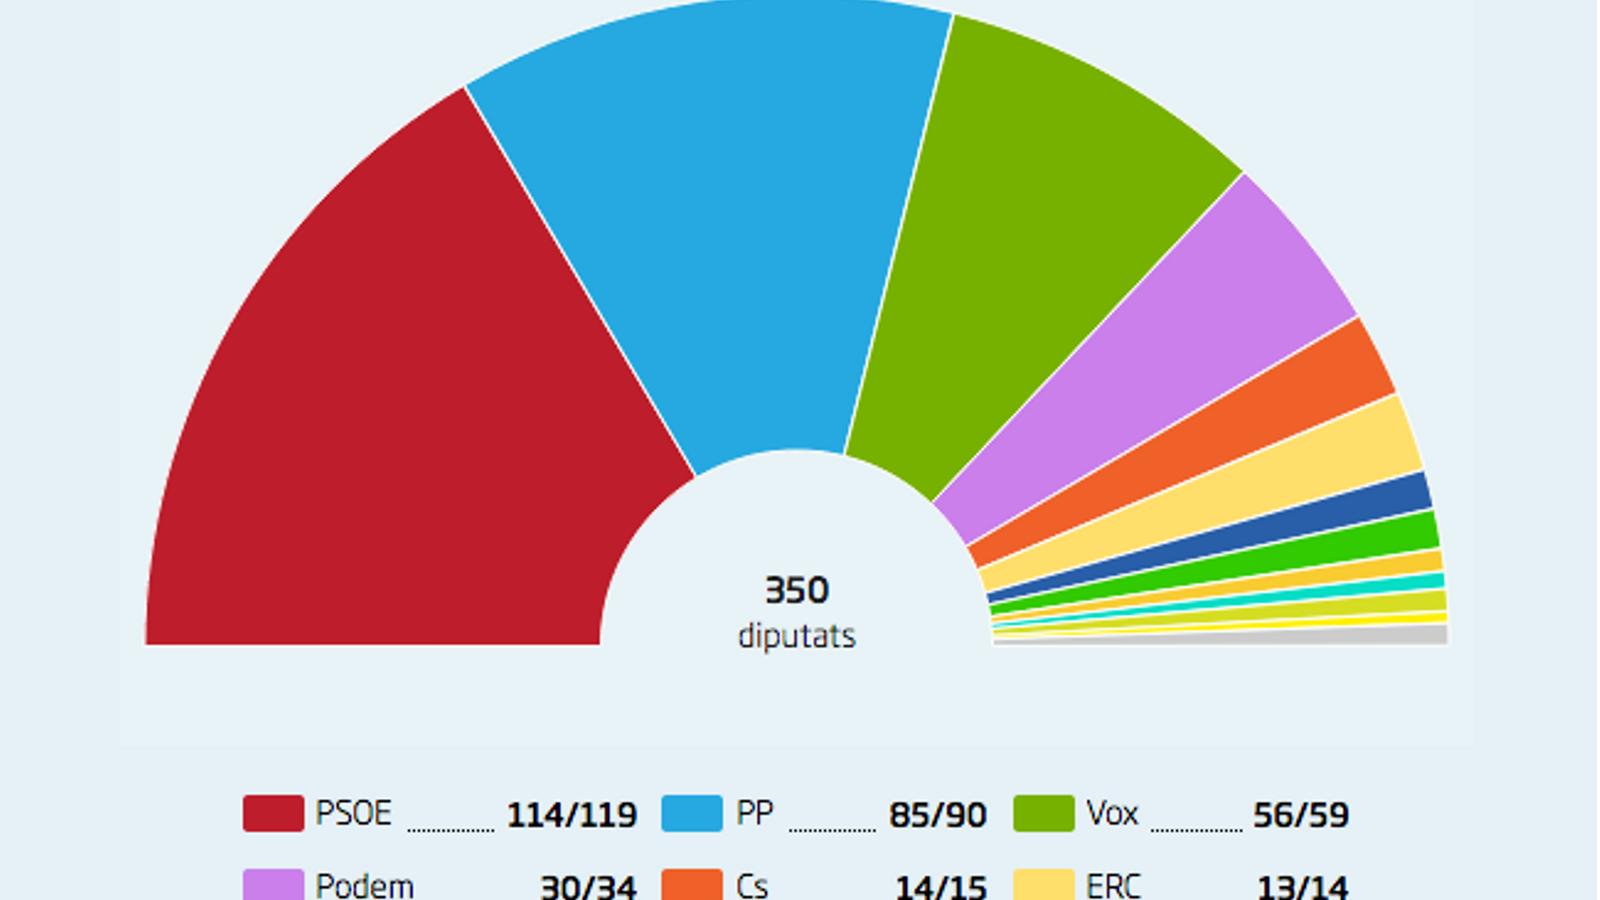 El PSOE guanyaria les eleccions però la dreta li menjaria terreny, segons el sondeig de TV3